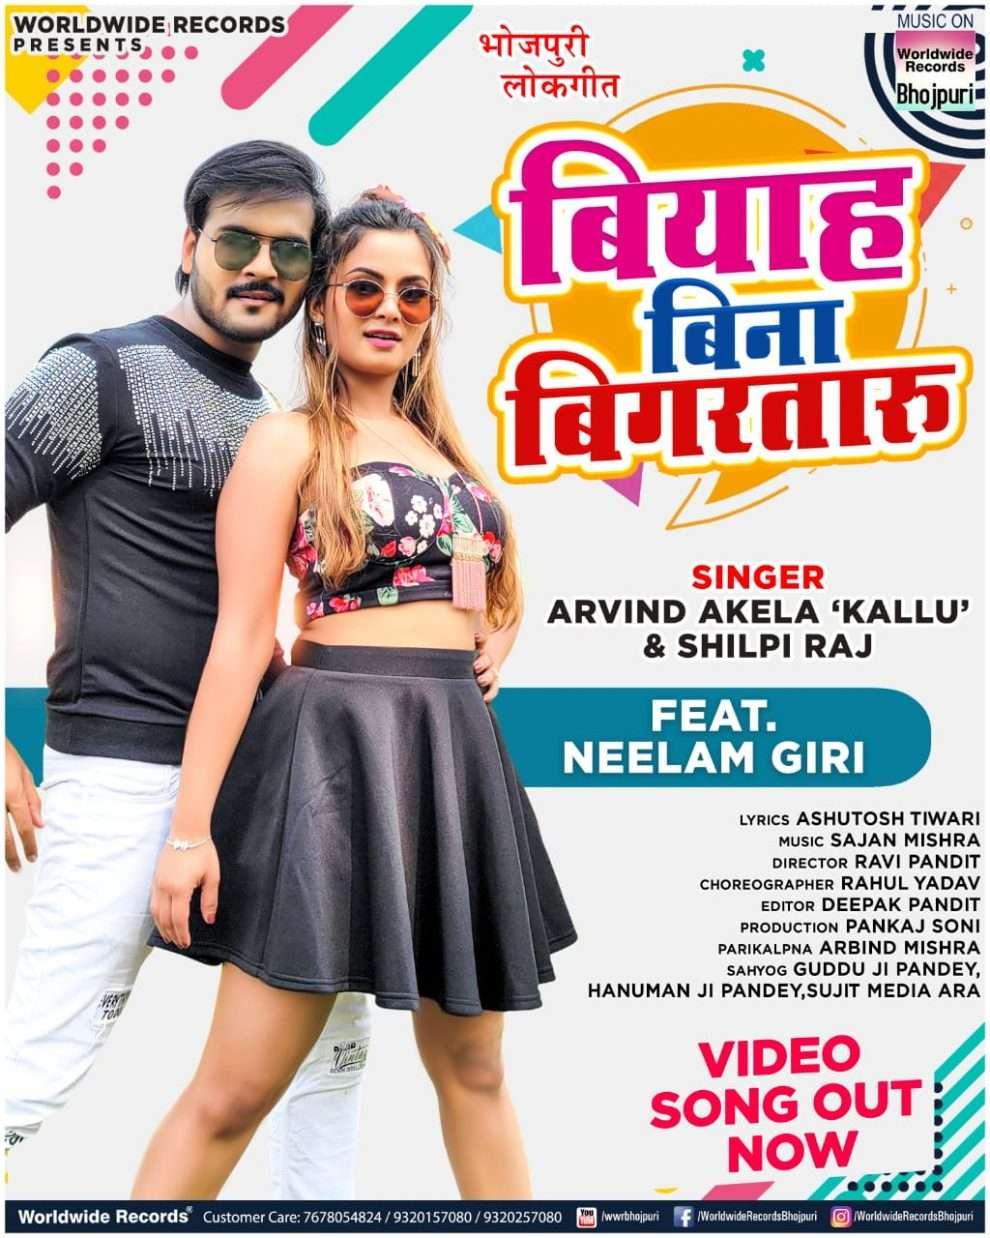 """अरविन्द अकेला कल्लू, नीलम गिरी, शिल्पी राज का वीडियो सांग """"बियाह बिना बिगरतारु"""" हुआ रिलीज, मिल रहा है लाखों का प्यार"""